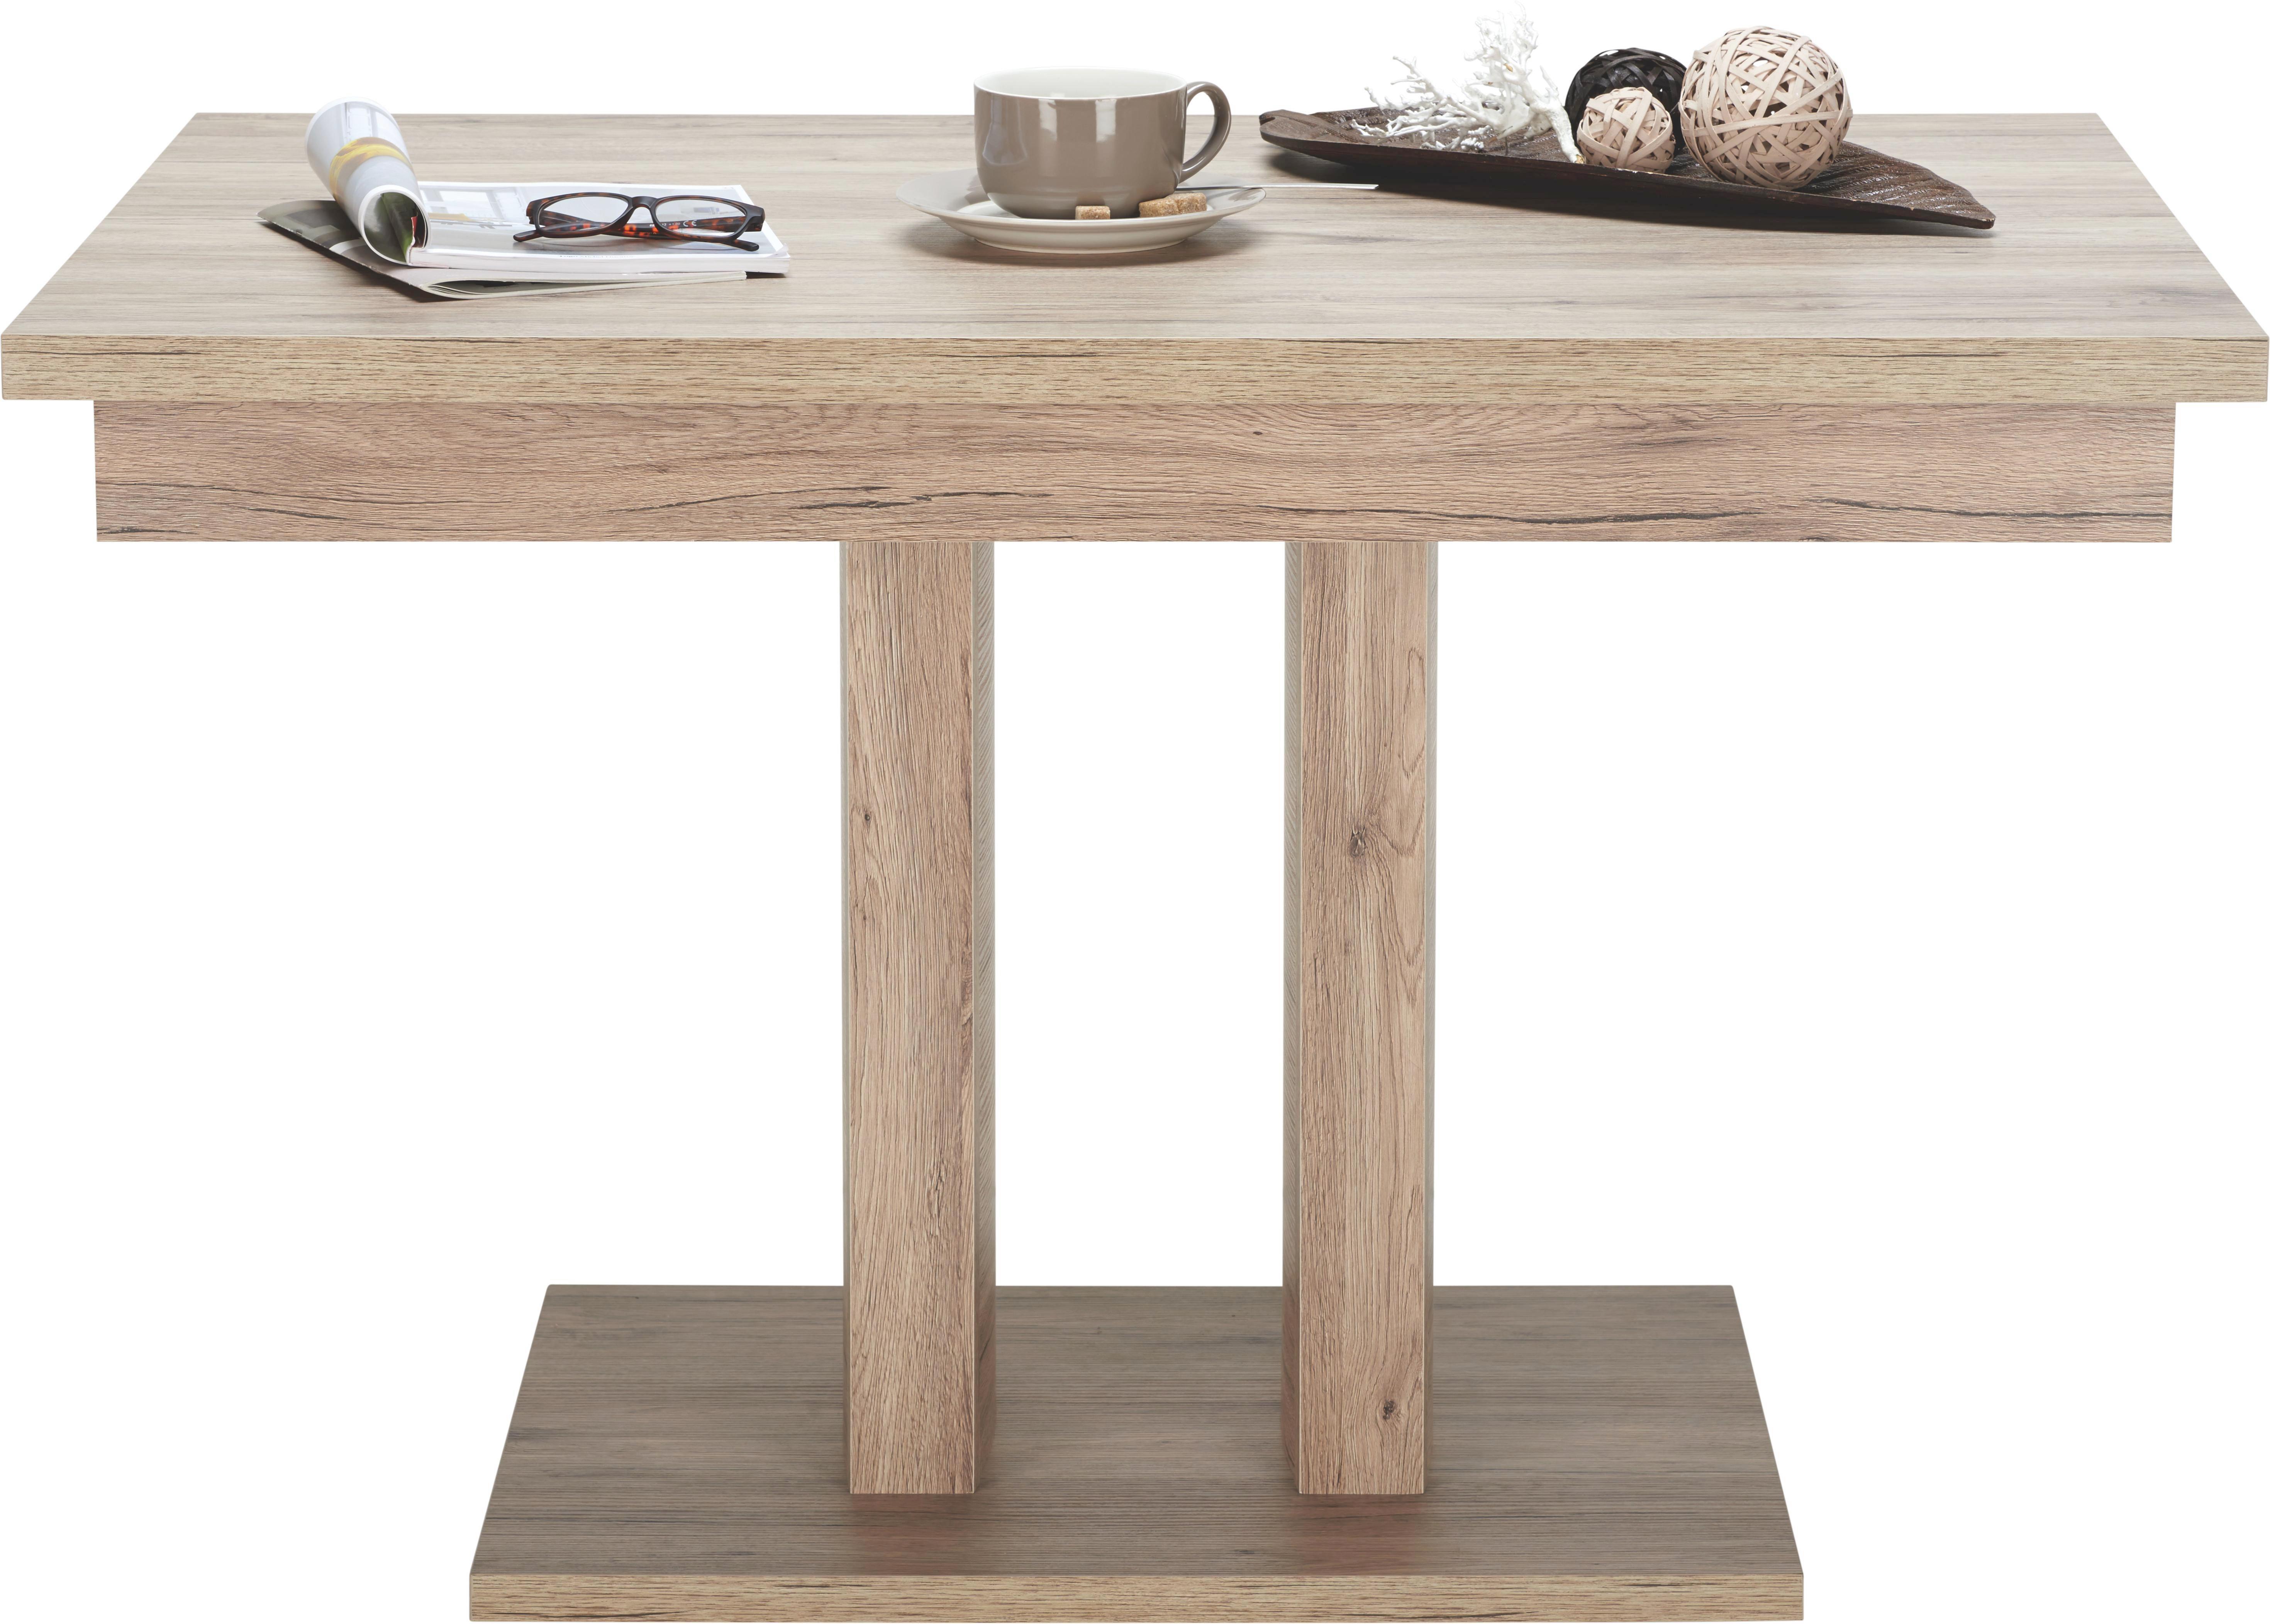 eiche tisch kaufen top gartenmbel eiche tisch massiv rustikal schwer with eiche tisch kaufen. Black Bedroom Furniture Sets. Home Design Ideas